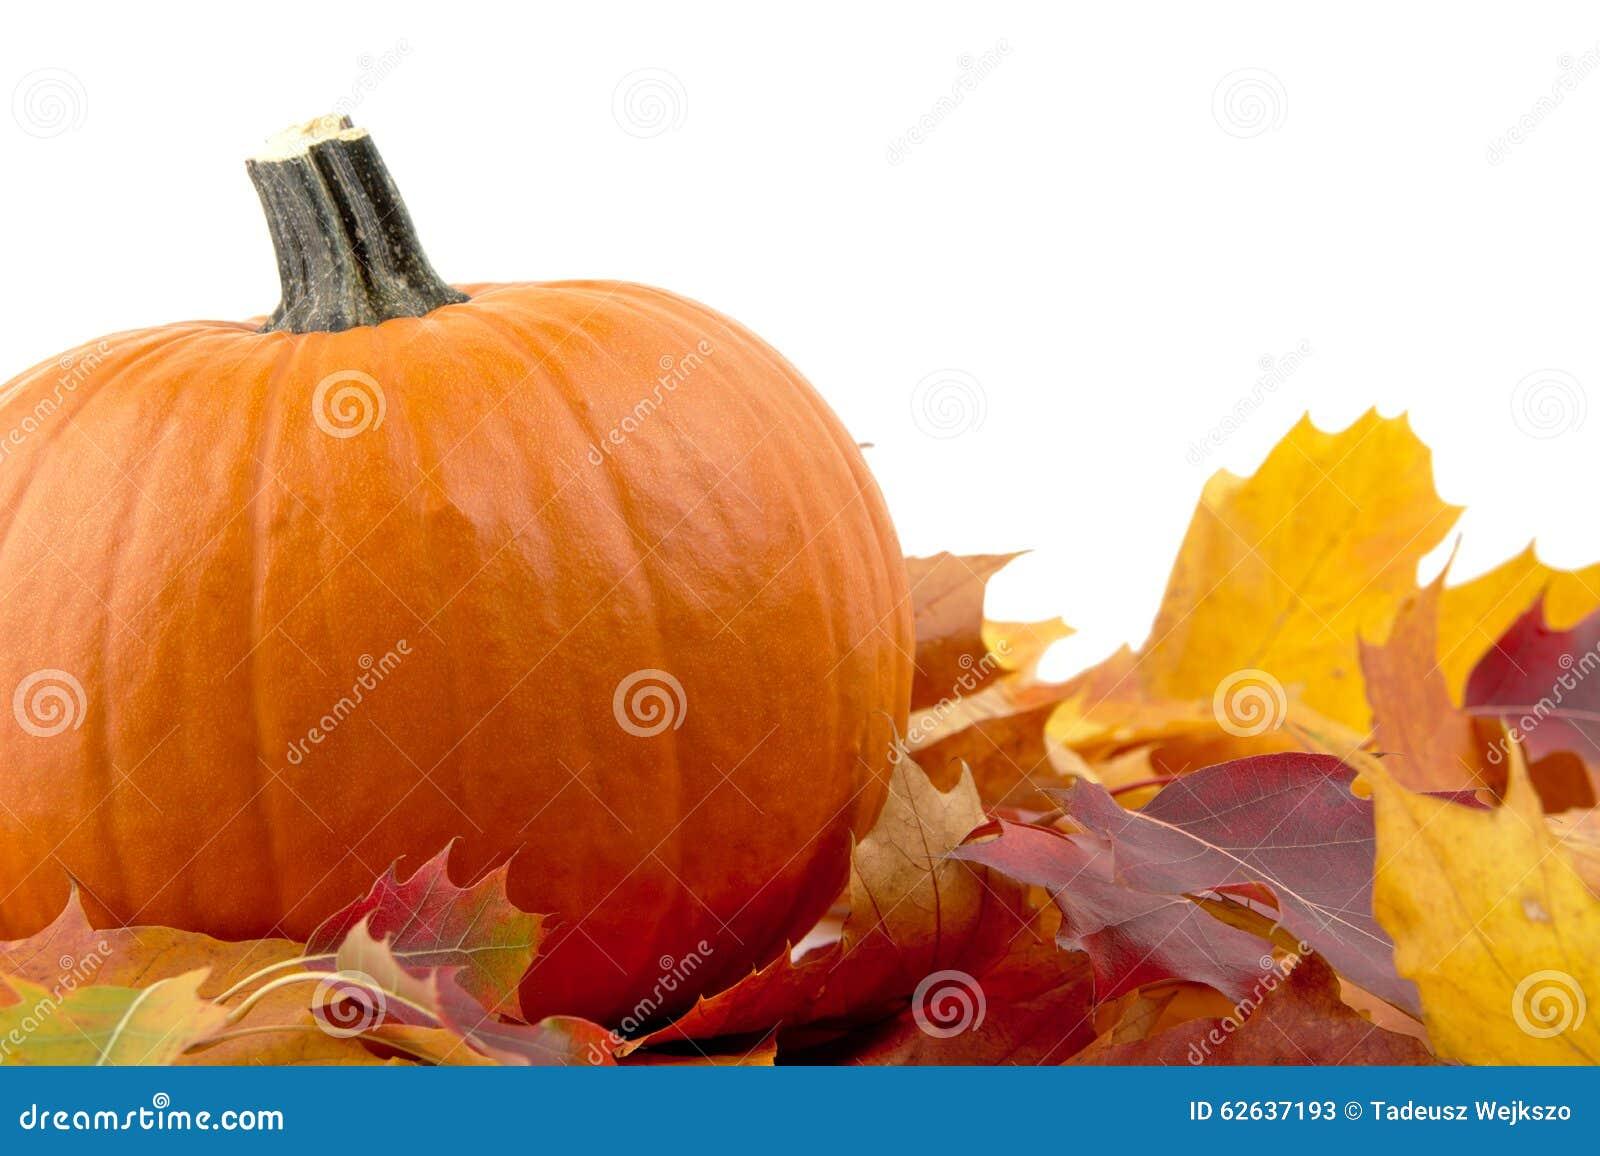 Decoratie van pompoen met de herfstbladeren voor thanksgiving day op wit stock foto afbeelding - Foto van decoratie ...